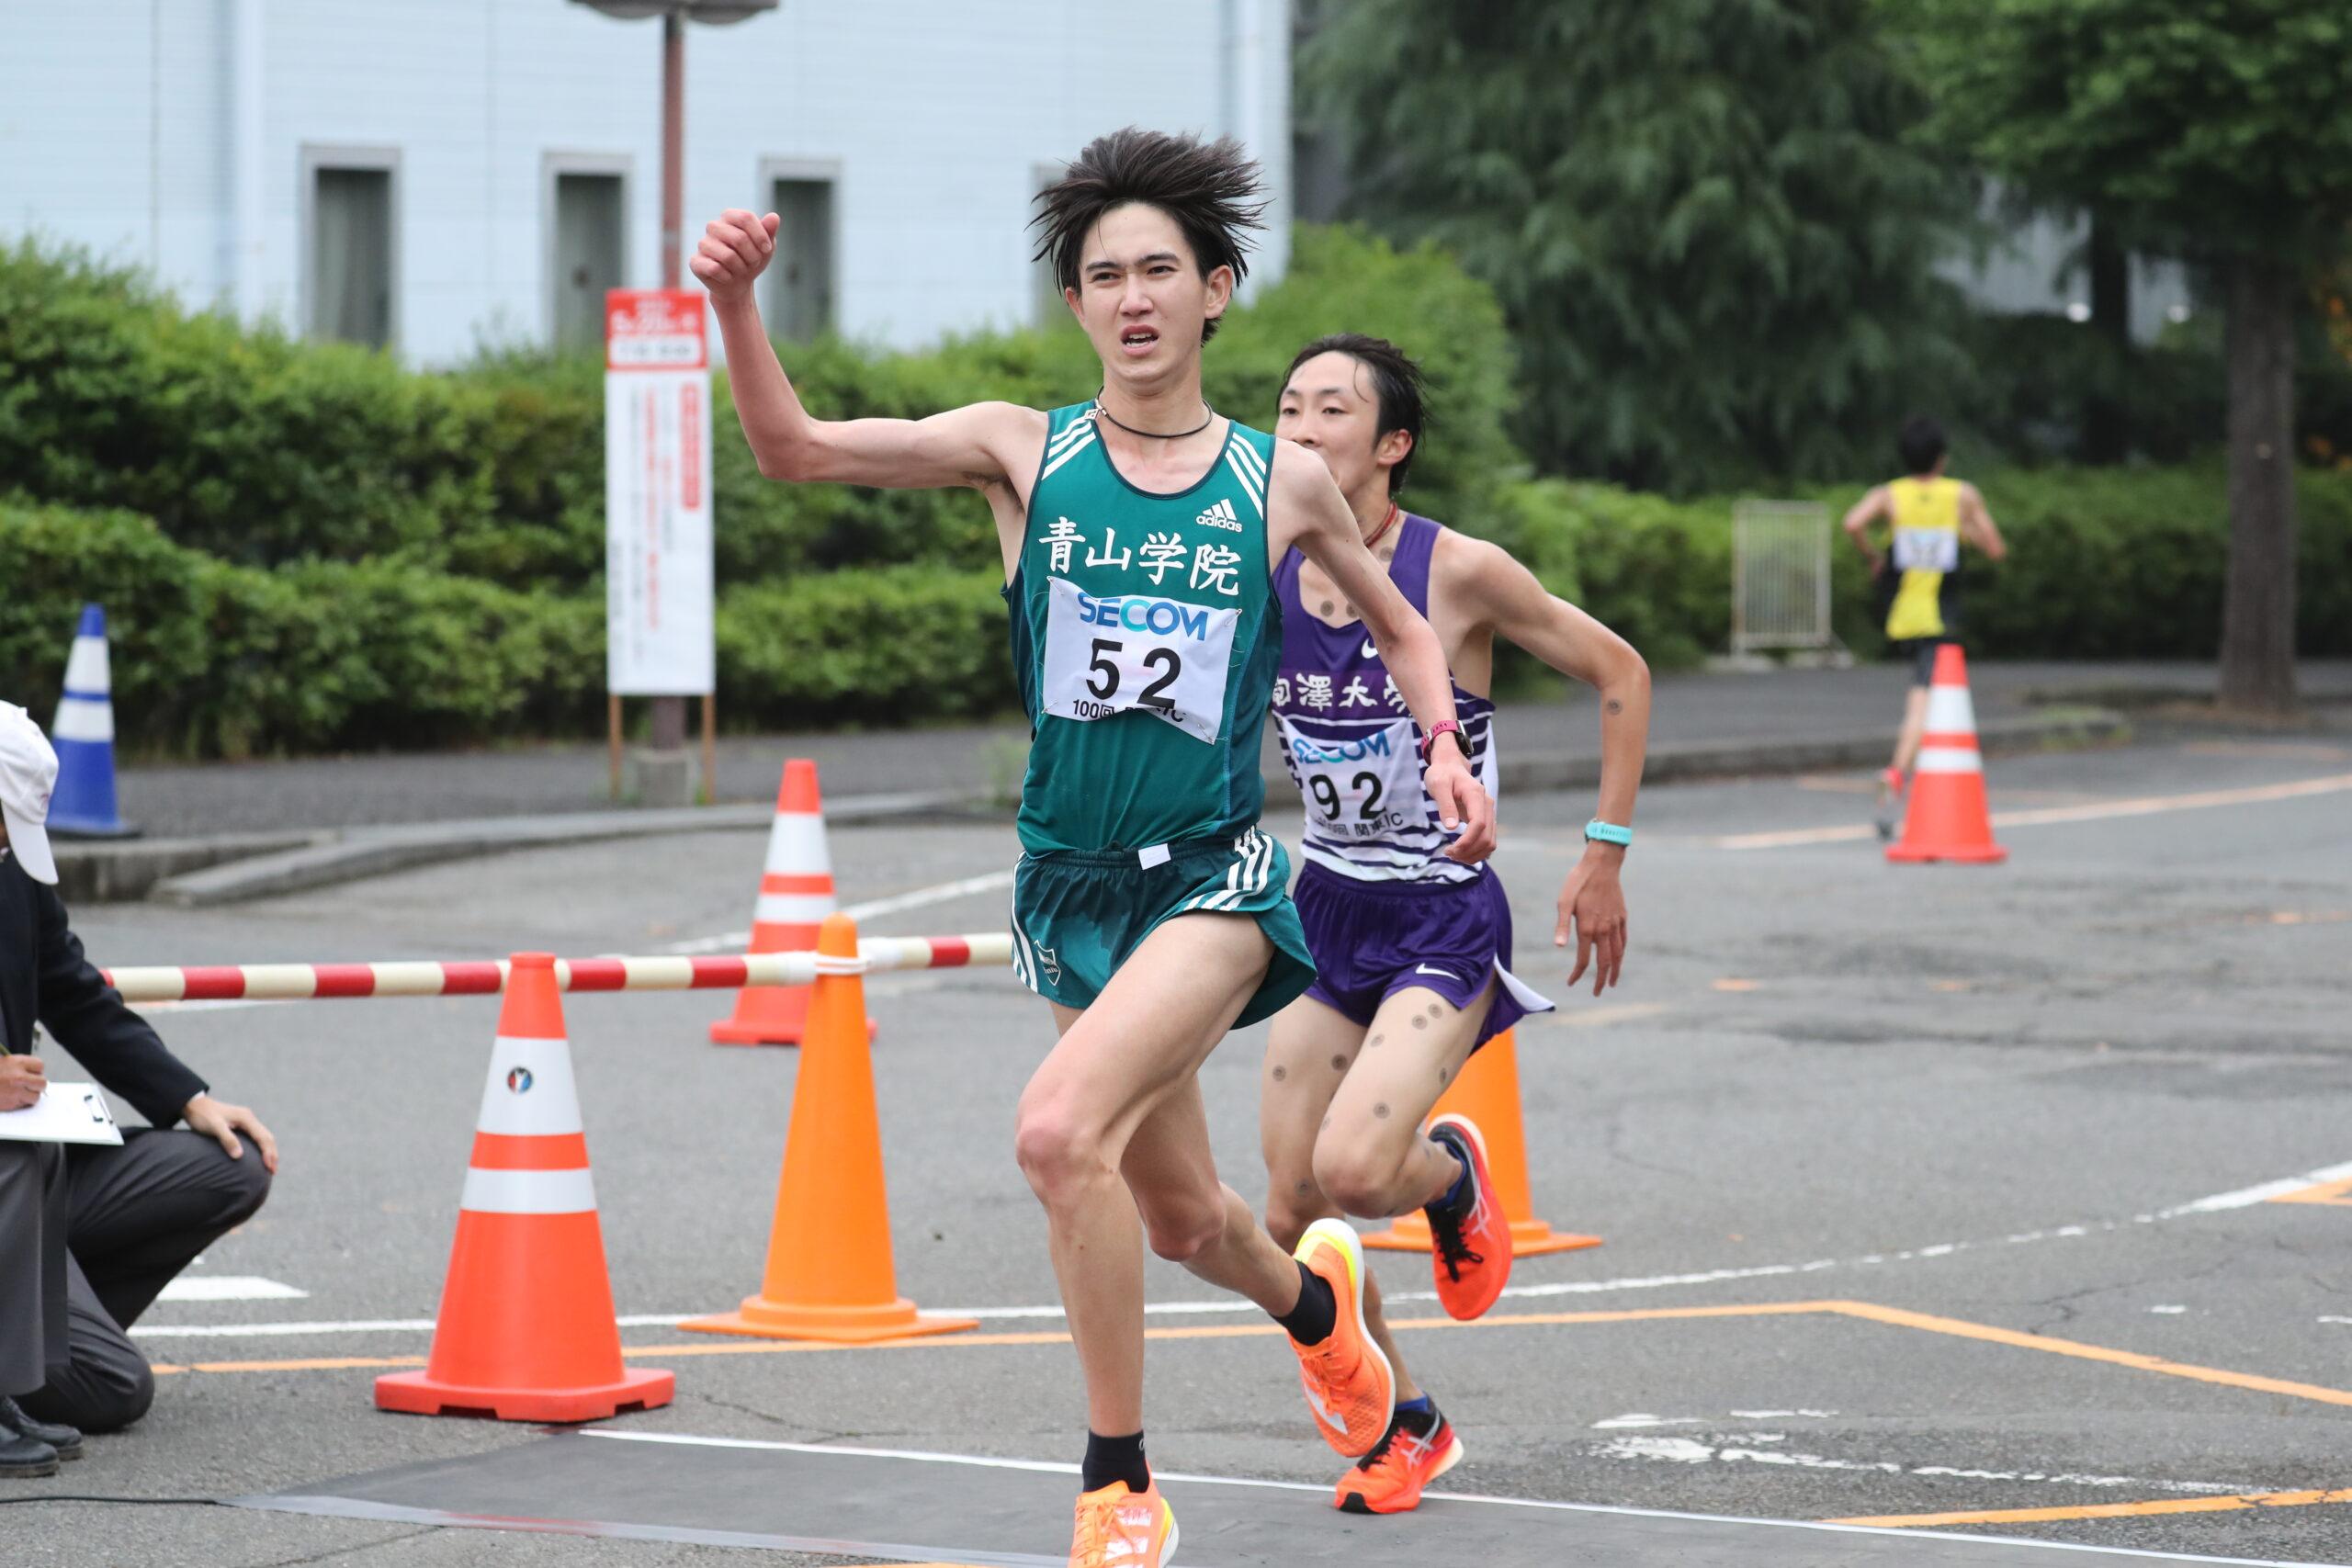 2部ハーフは青学大の西久保遼が初優勝!「ライバル校に負けるわけにはいかないと思った」/関東IC